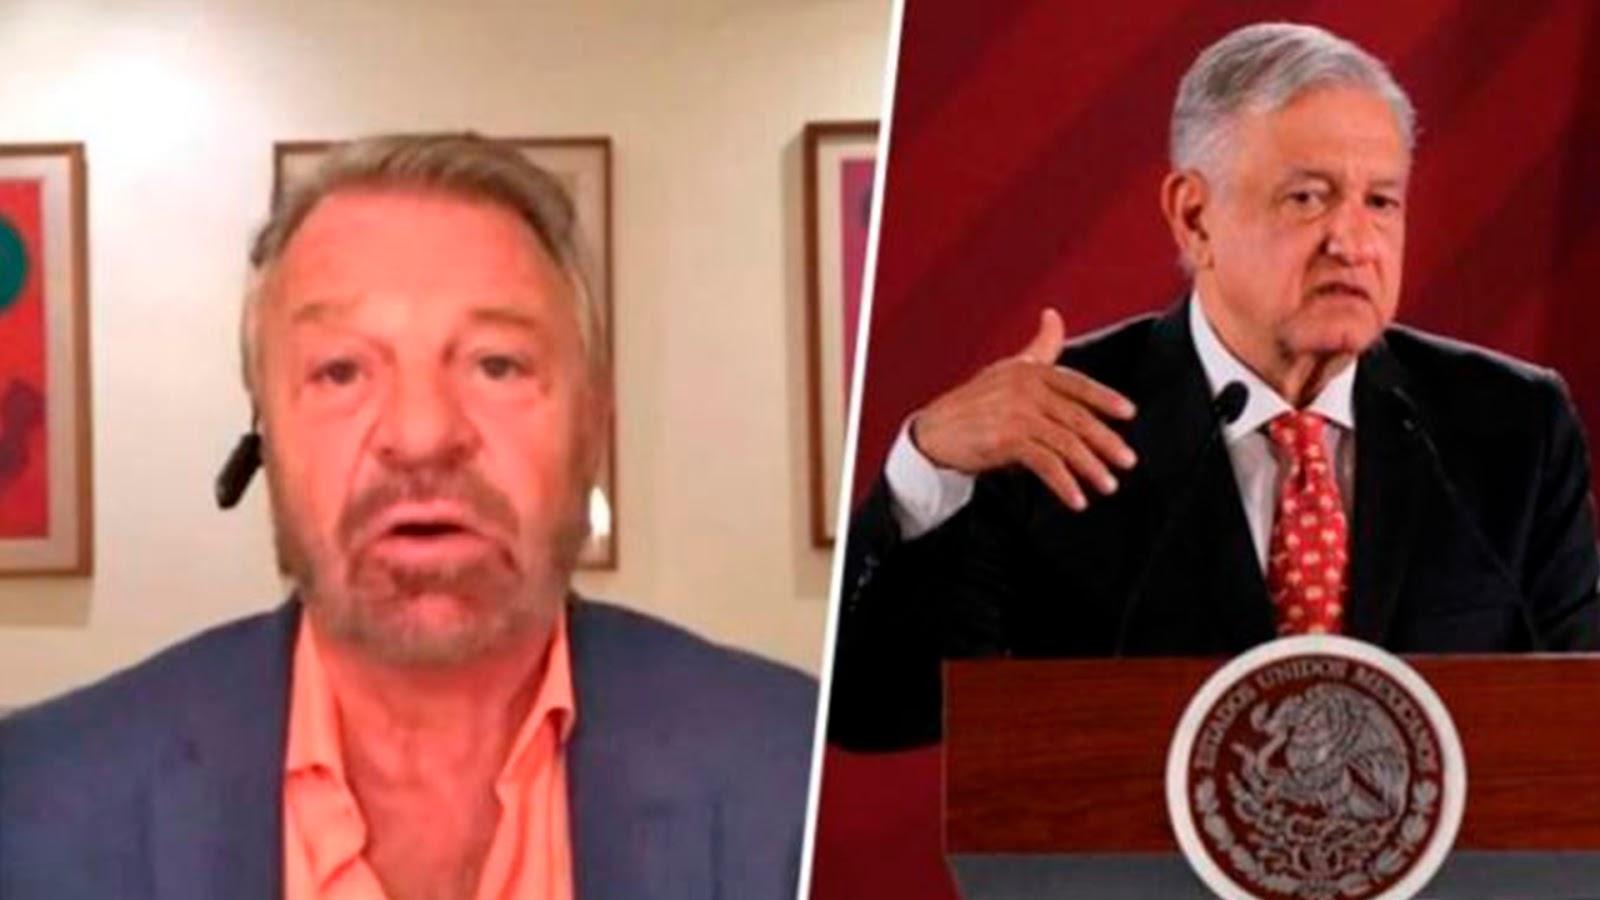 AMLO pone en su lugar a Jorge Castañeda: Es un clasista y racista por dichos contra Putla